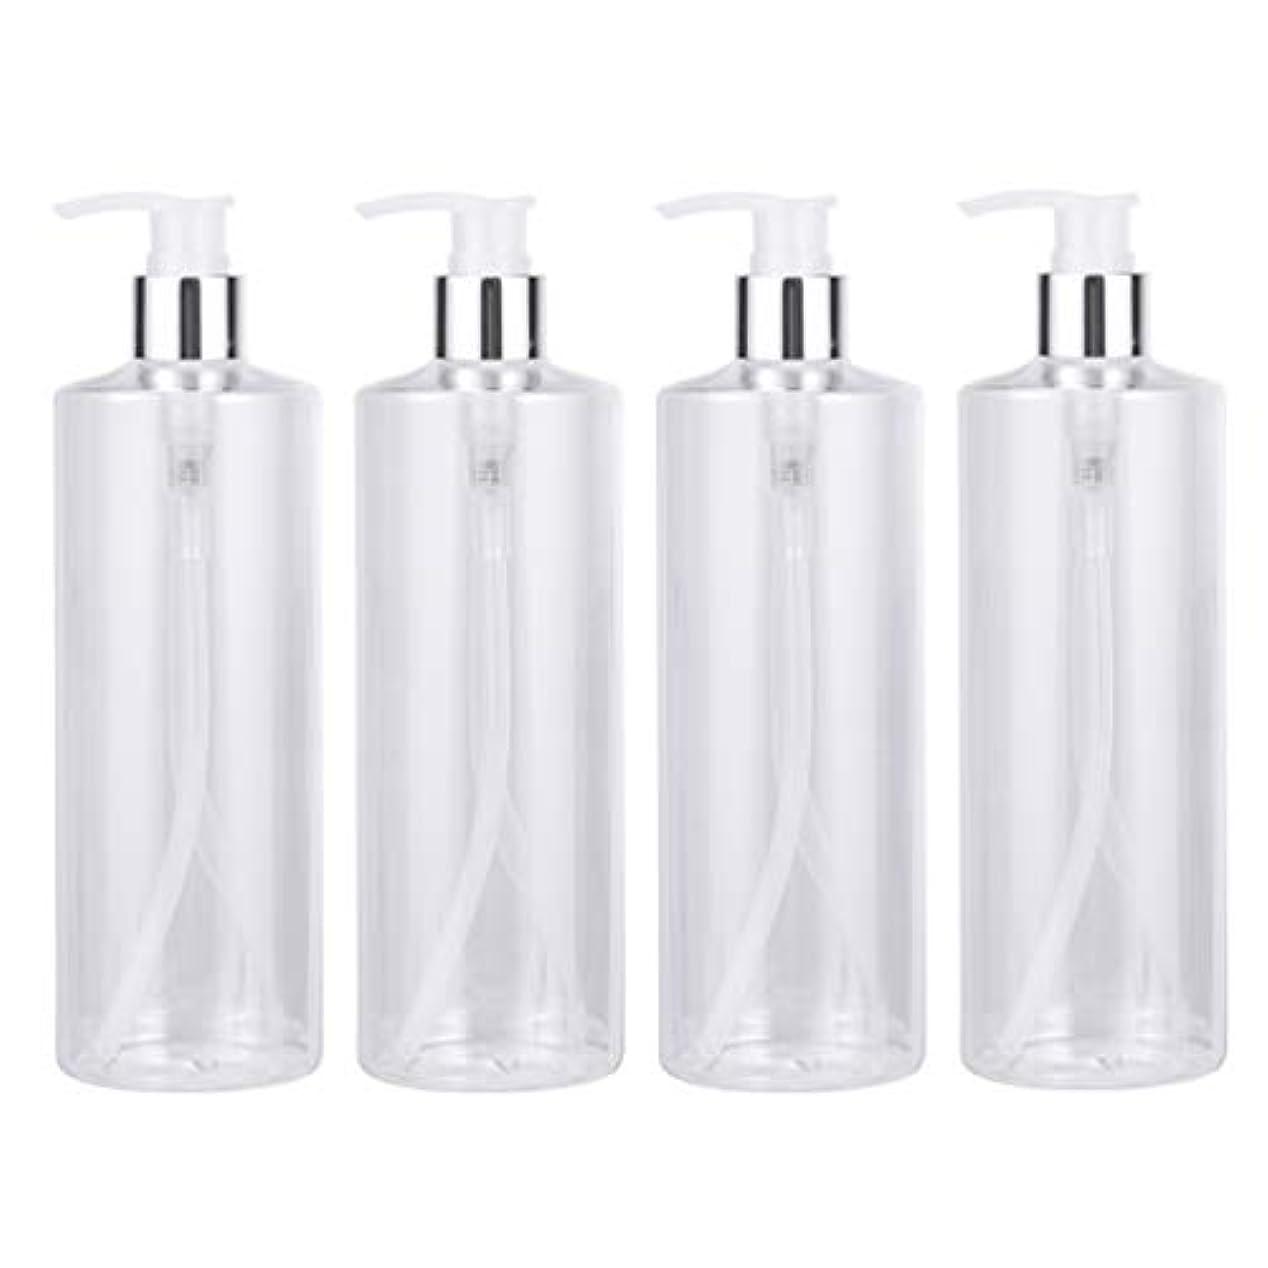 理解不合格差別LIOOBO 4ピース500ミリリットル空のシャンプーローションポンプボトルボディウォッシュローションディスペンサーボトル詰め替え液体石鹸容器家庭用旅行